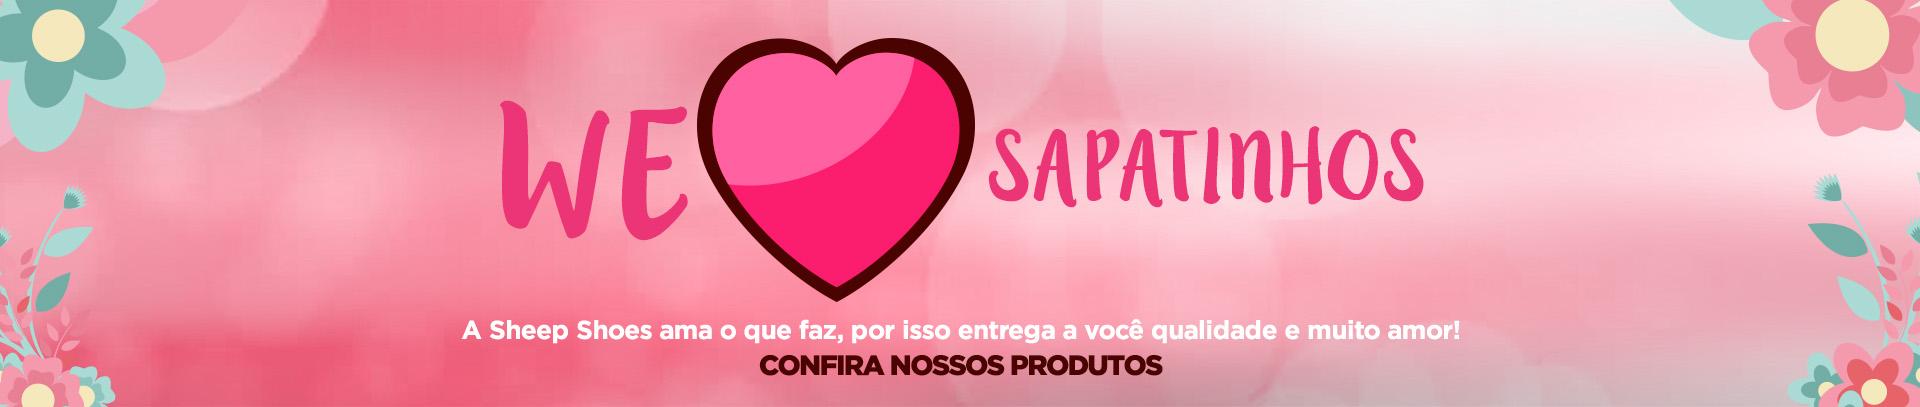 Campanha Tdzain: We <3 Sapatinhos.